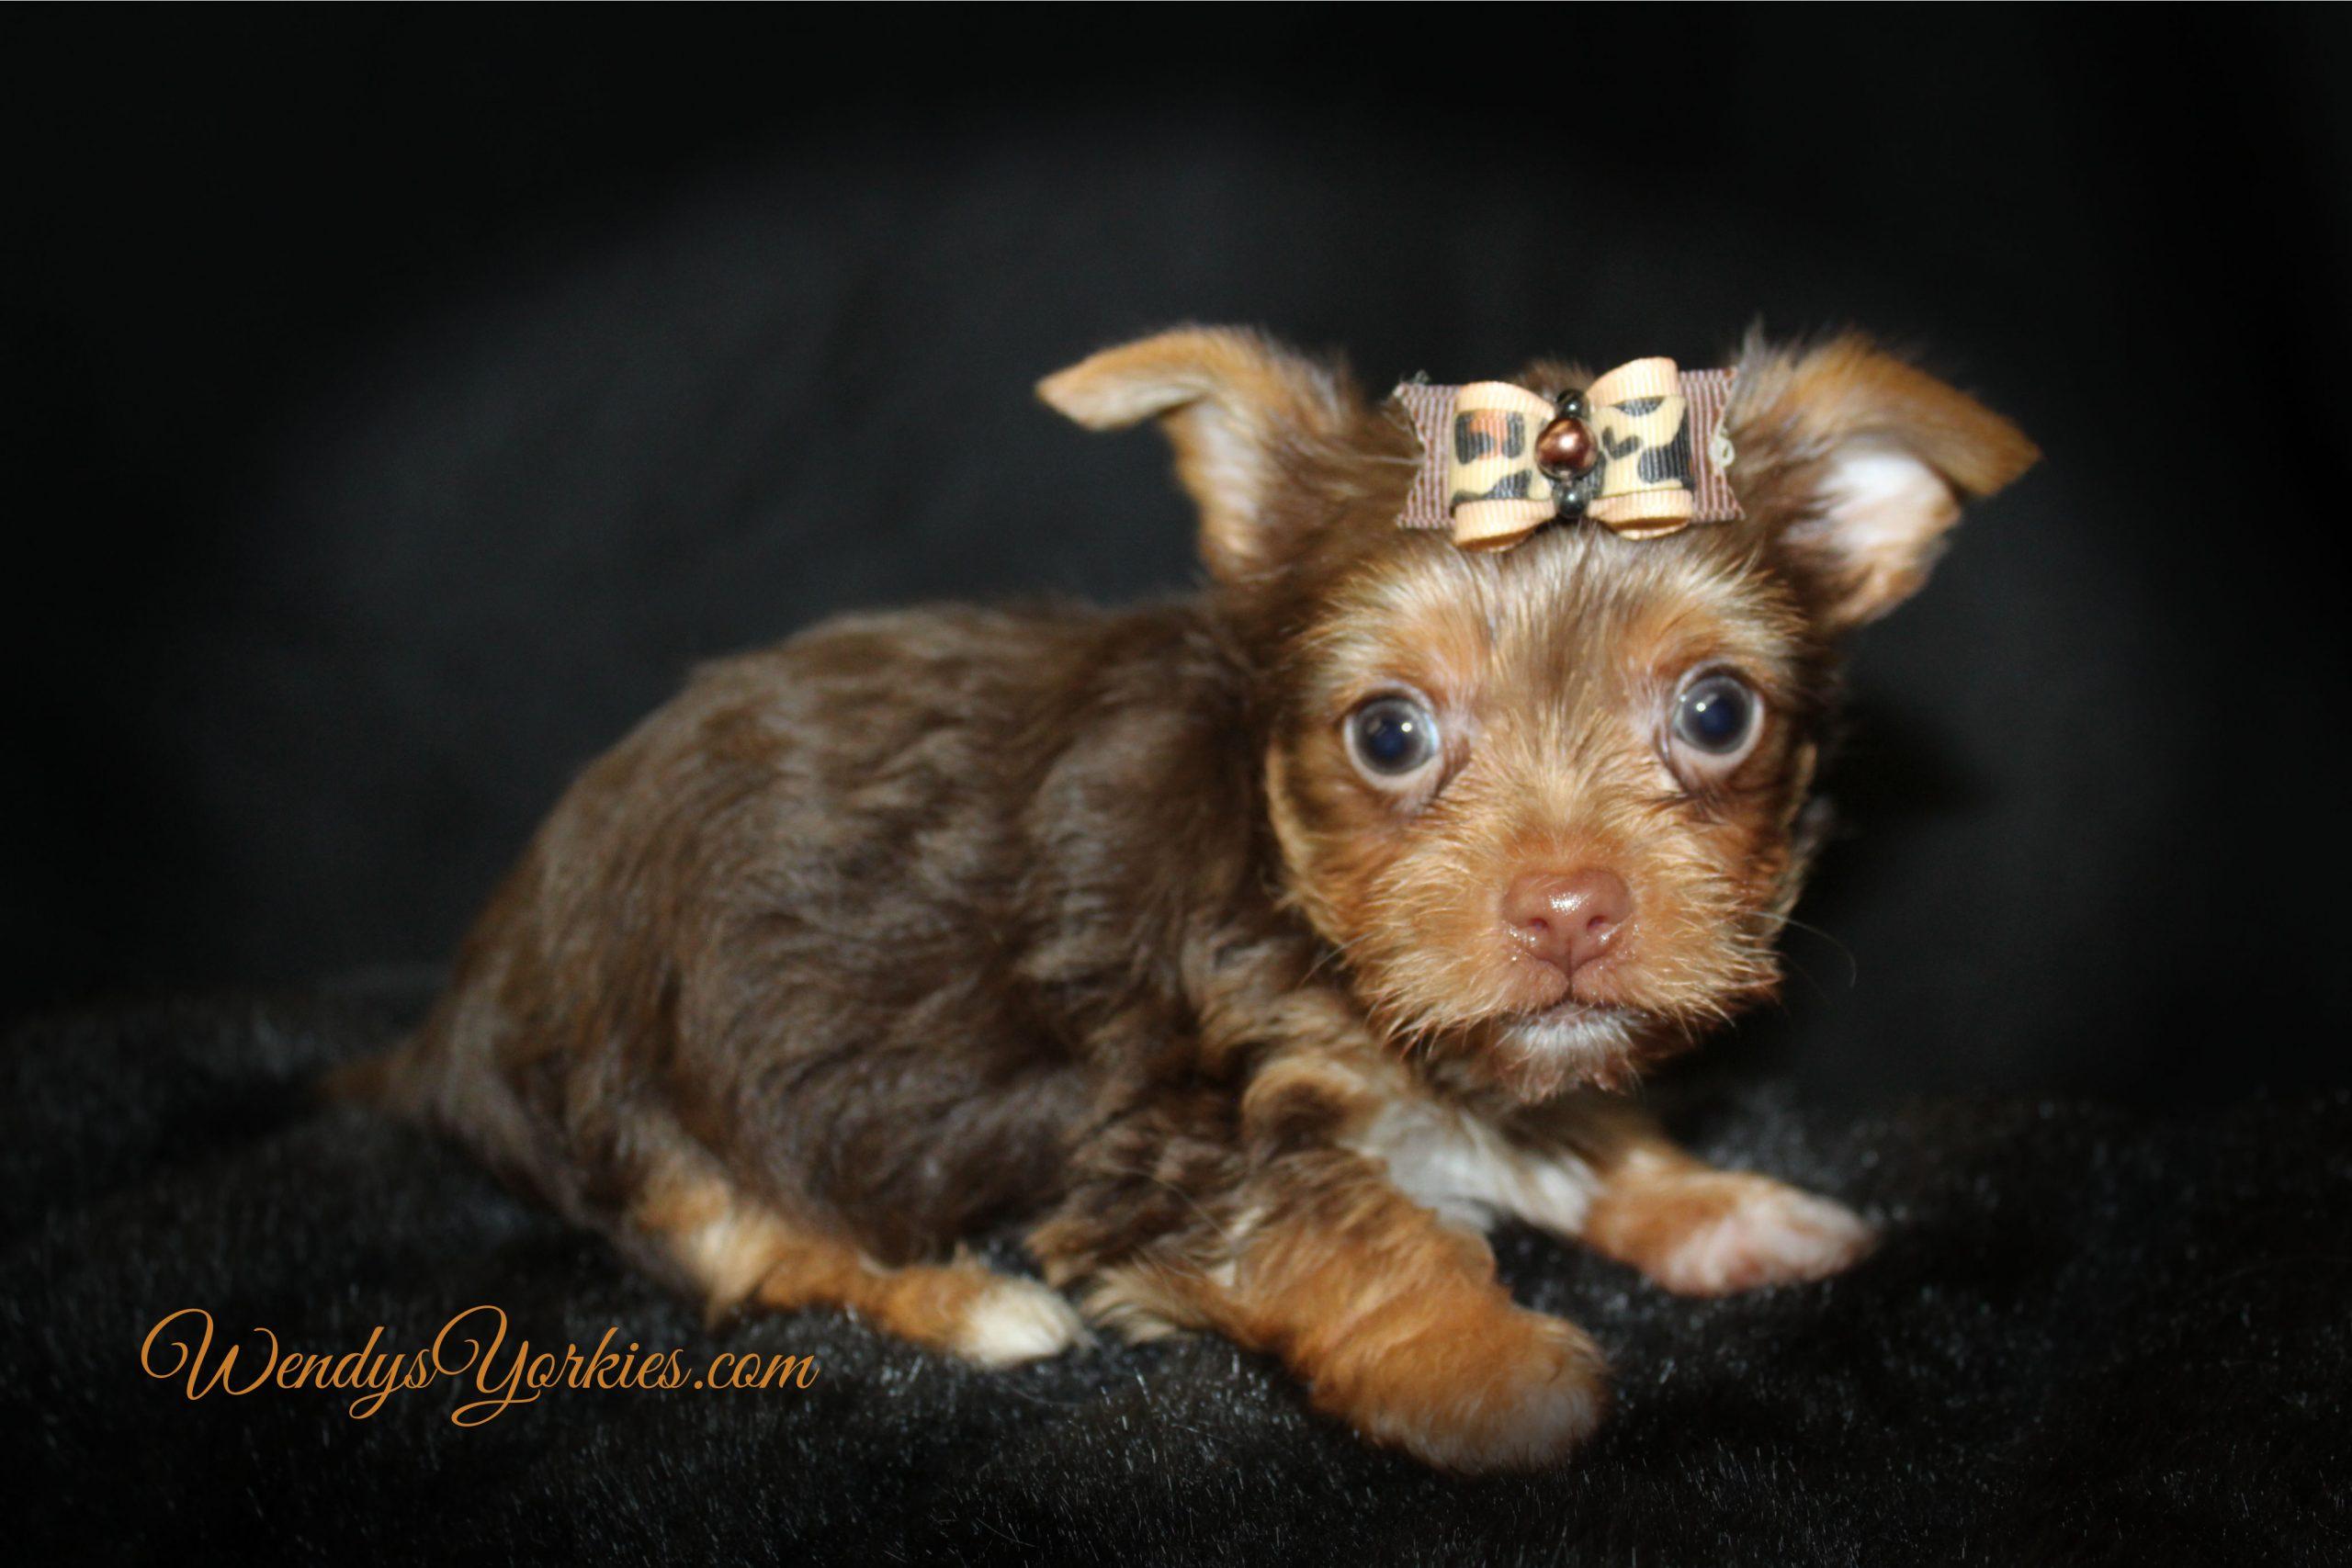 Chocolate Yorkie puppy, Lexie CM1, WendysYorkies.com